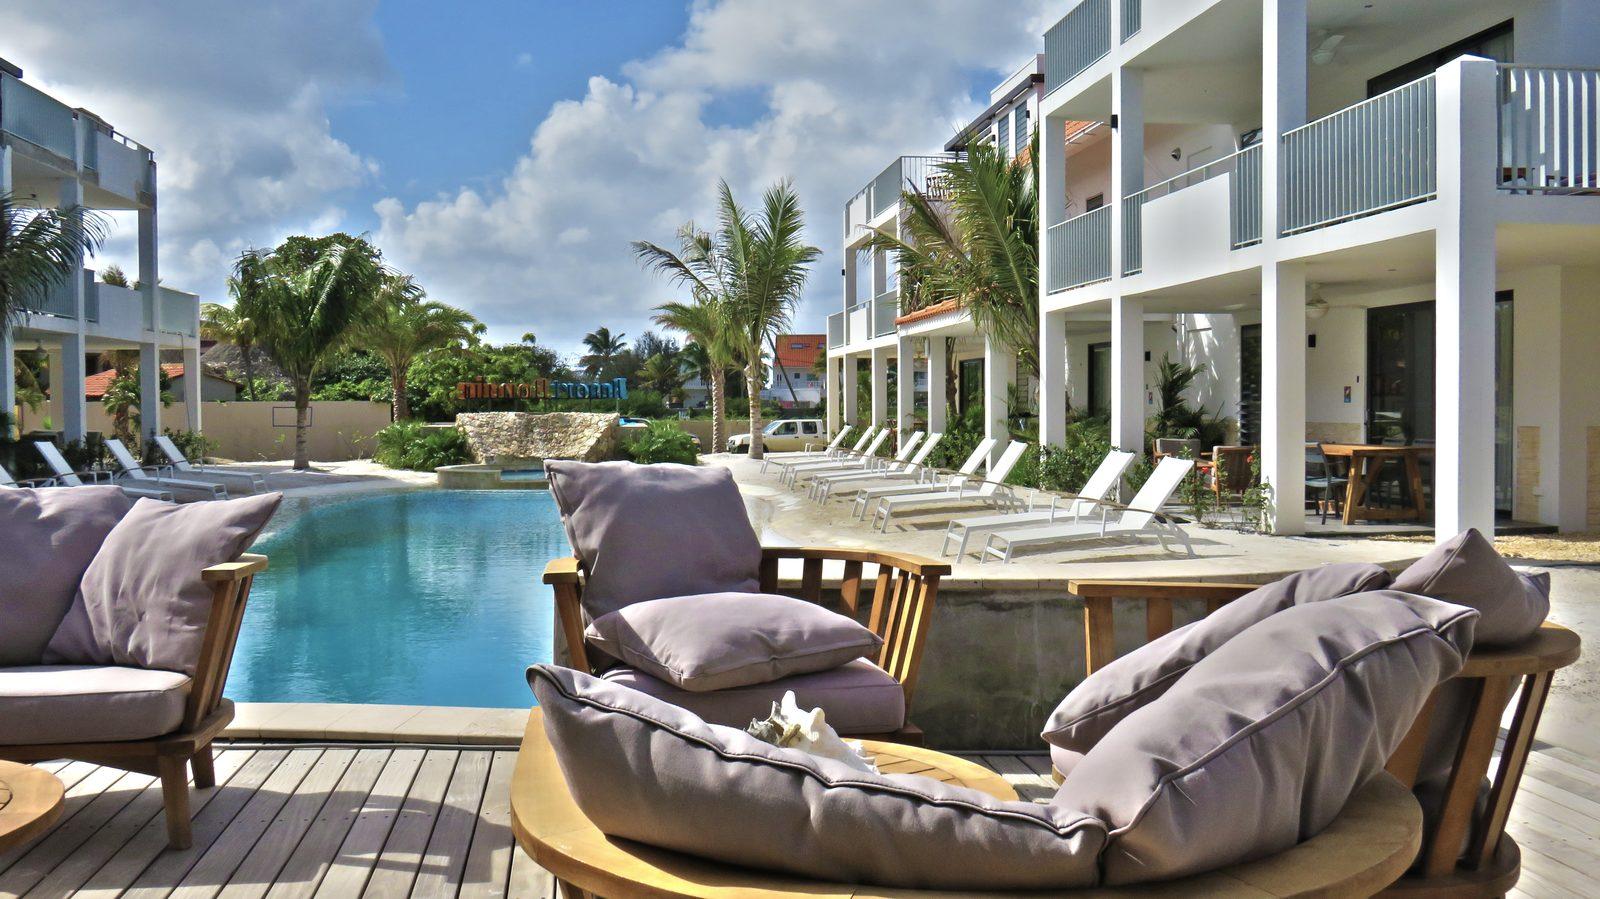 Das Resort Bonaire gestattet es Gästen aller Altersgruppen, diese schöne Insel zu genießen! Schauen Sie sich die Photos an und buchen Ihren Aufenthalt auf Bonaire!